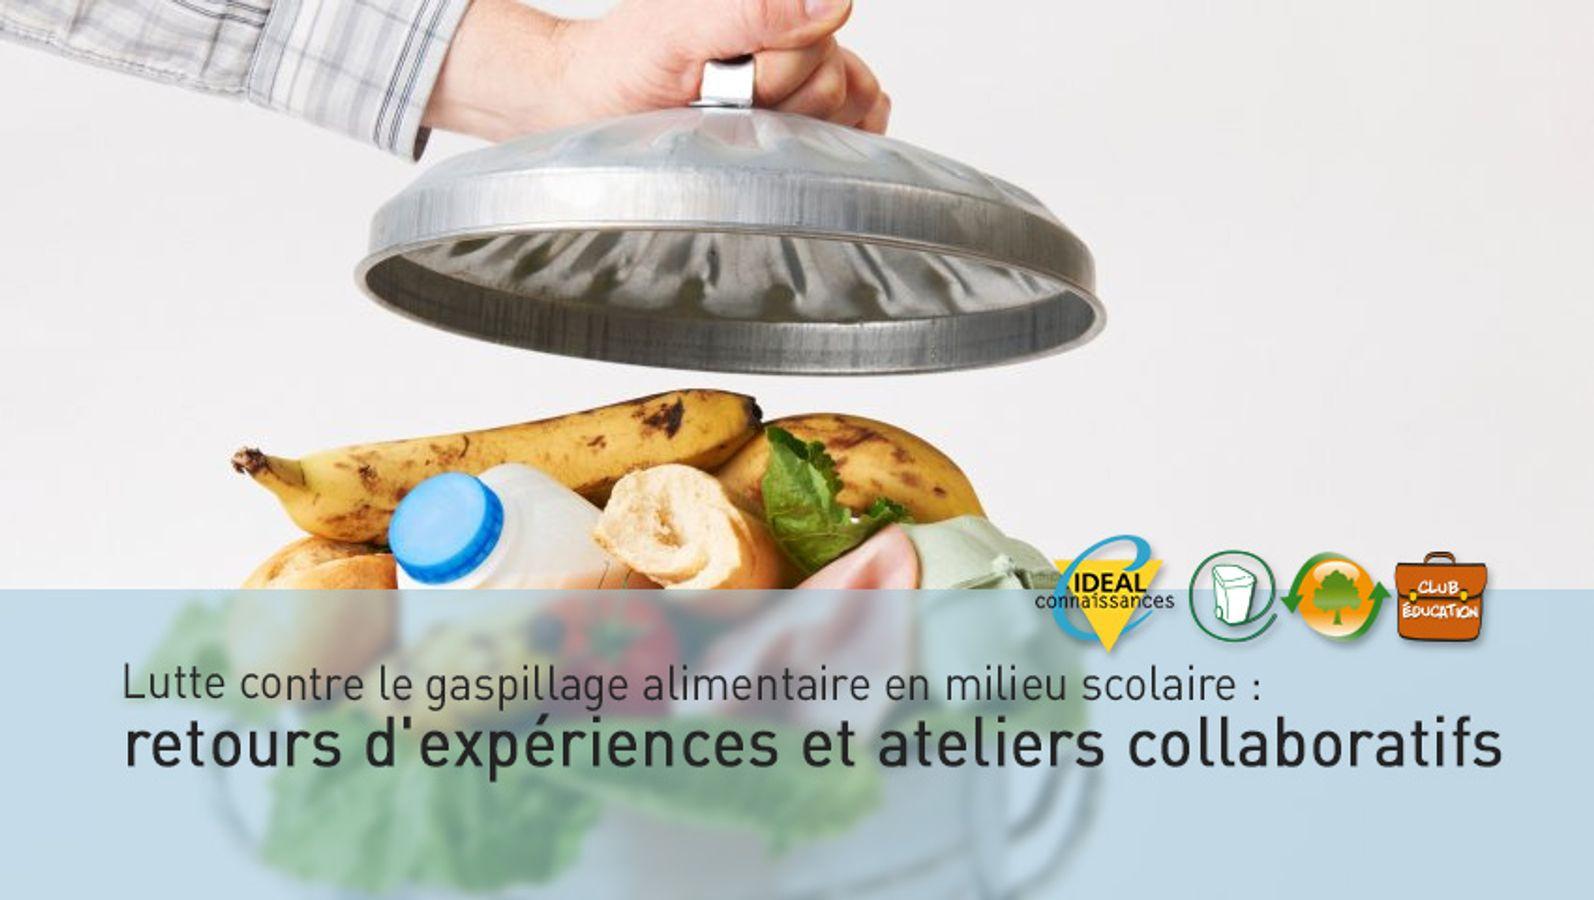 Lutte contre le gaspillage alimentaire en milieu scolaire: retours d'expériences et ateliers collaboratifs